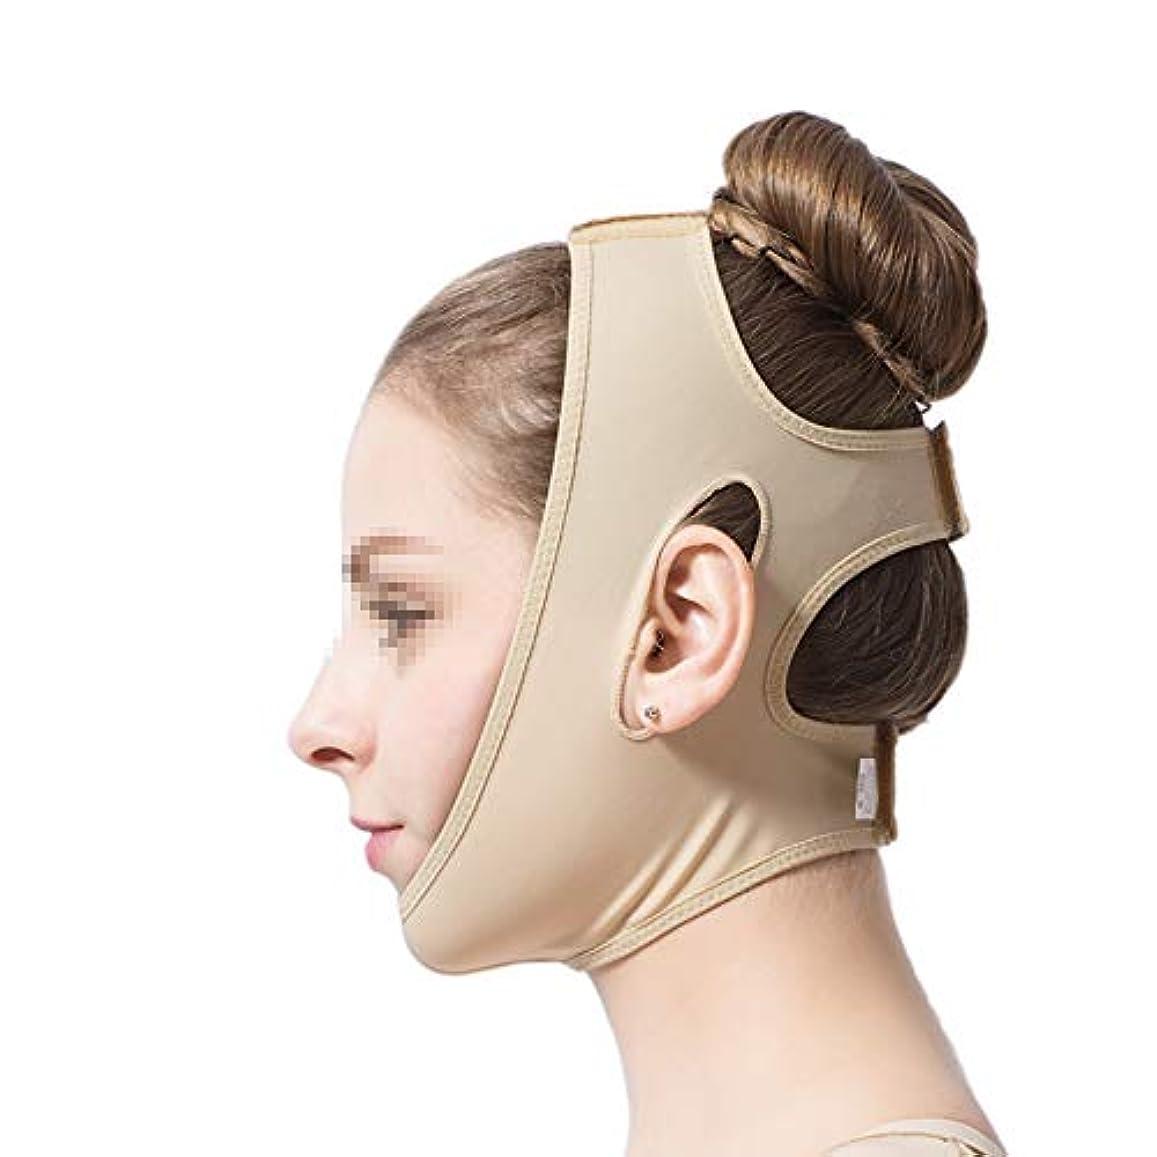 ネクタイ加速する信頼性フェイスリフトマスク、下顎袖医療グレード脂肪吸引術整形弾性ヘッドギアダブルあご顔ライン彫刻圧力包帯 (Size : S)